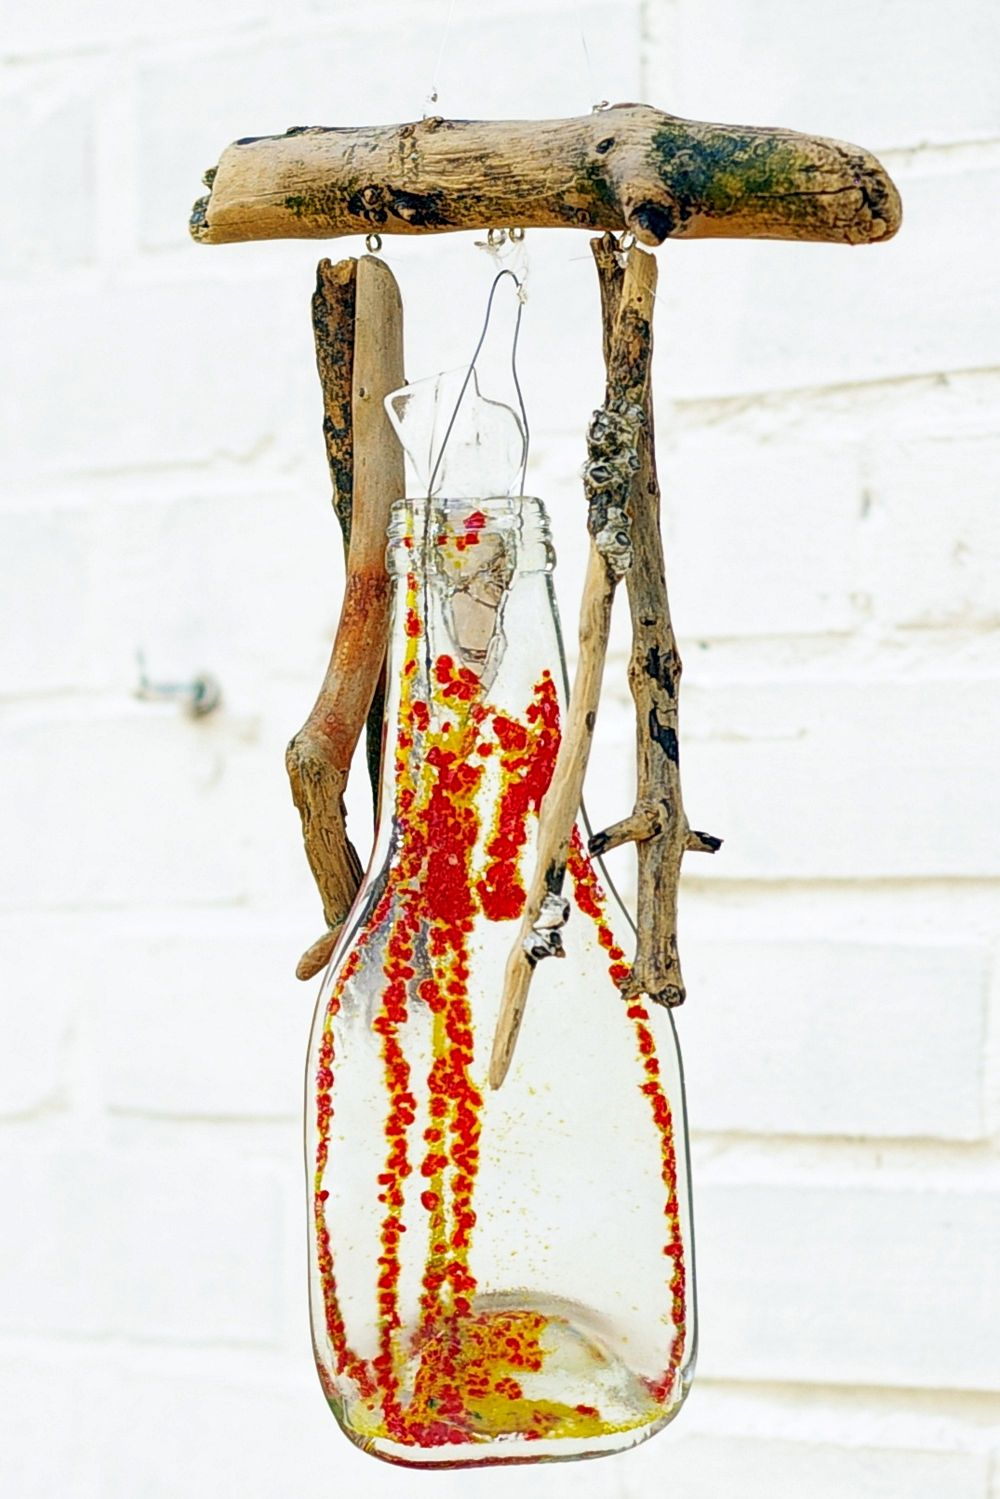 Mobile mit geschmolzener Glasflasche und Treibholz als Gartendeko